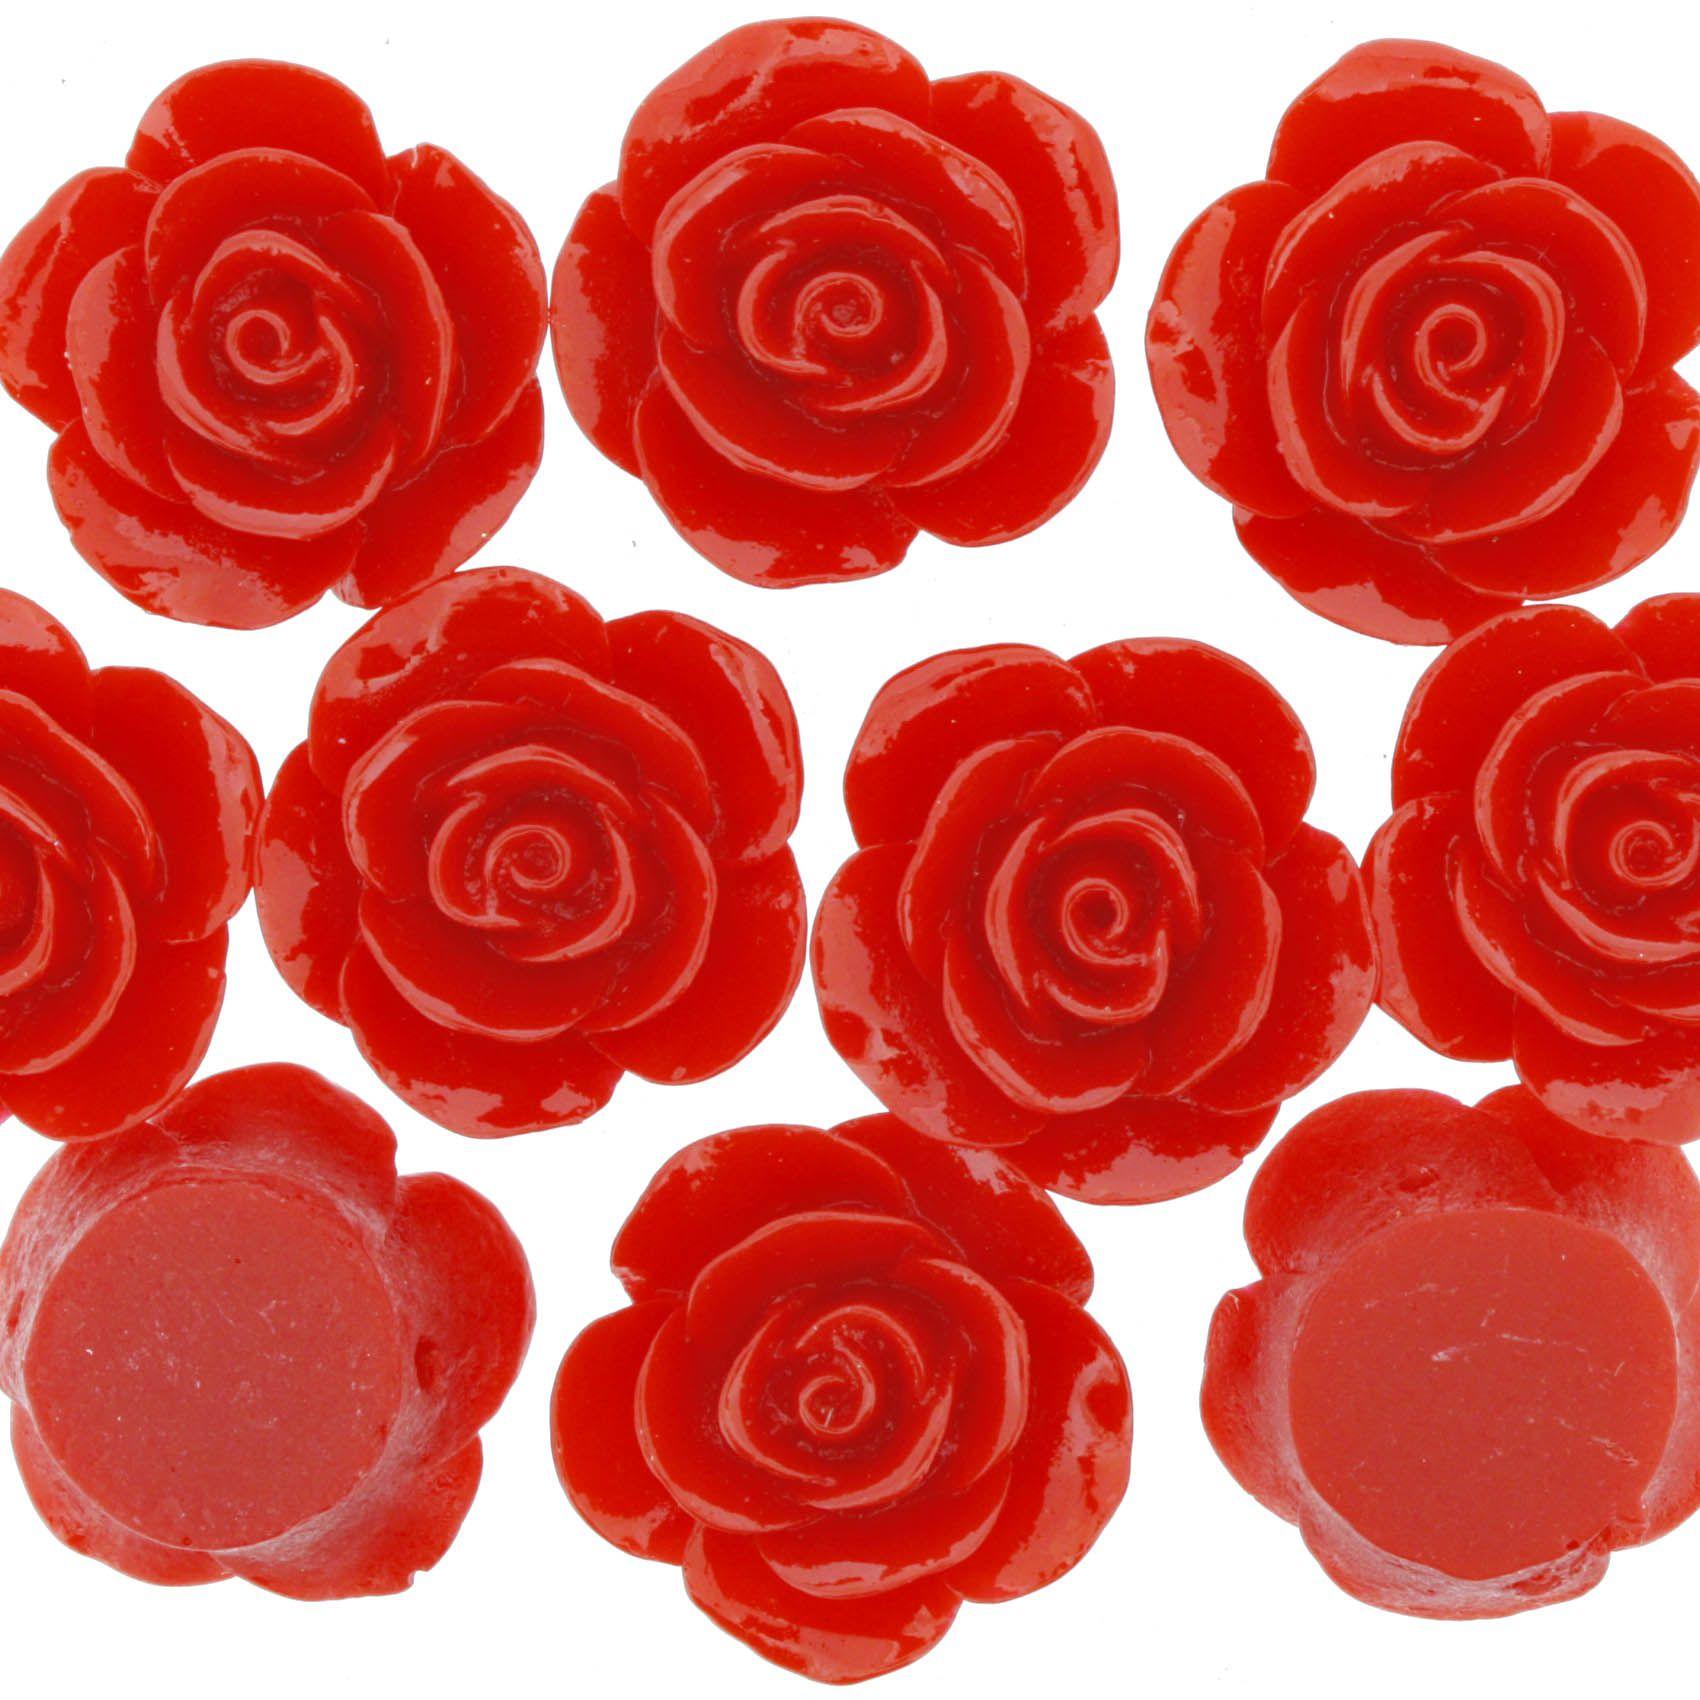 Flor de Resina - Vermelha - 23mm  - Stéphanie Bijoux® - Peças para Bijuterias e Artesanato